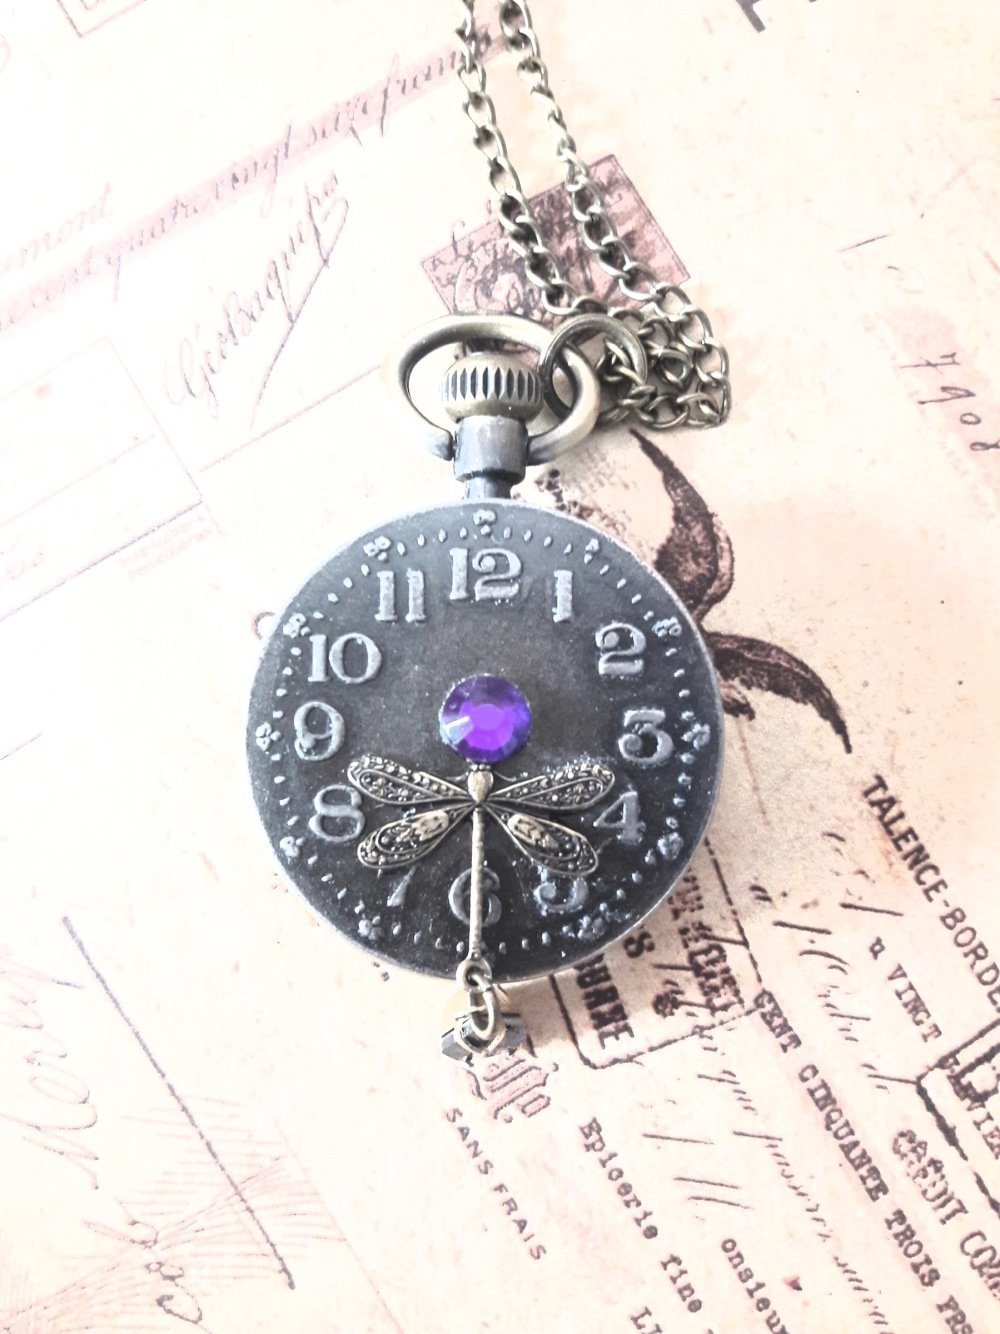 Collier pendentif montre gousset steampunk horloge cadran montre heure chiffre bijou fantaisie unique strass violet libellule perle violette